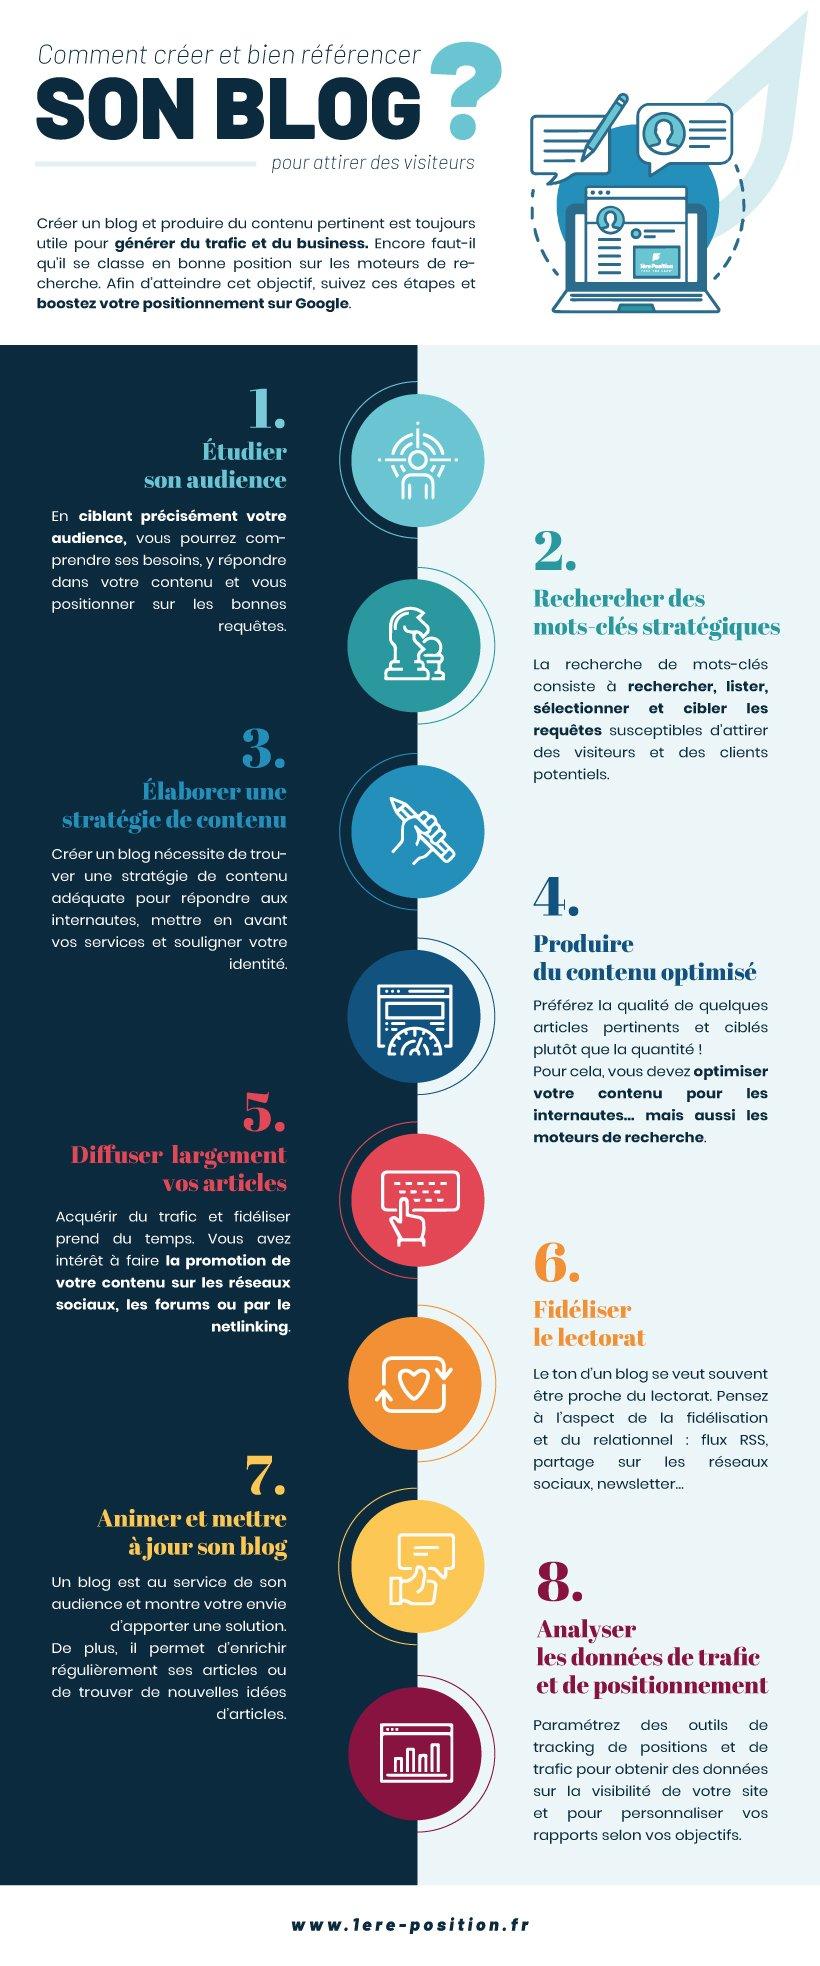 Infographie présentant les étapes pour créer un blog avec un bon SEO pour attirer des visiteurs